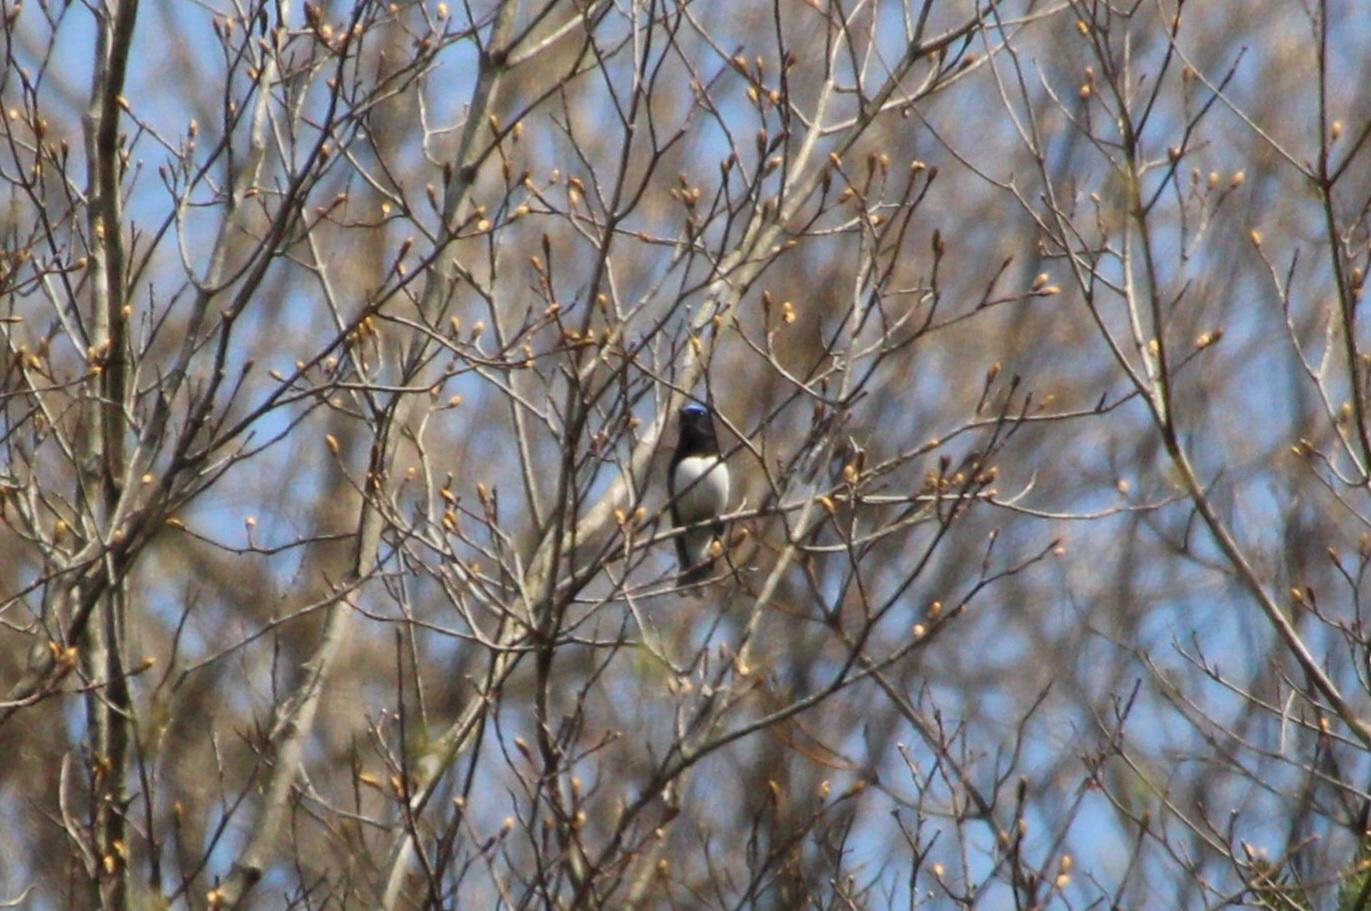 2015.4.12 夏鳥来てます・早戸川林道・センダイムシクイ(A summer bird comes)_c0269342_21080224.jpg